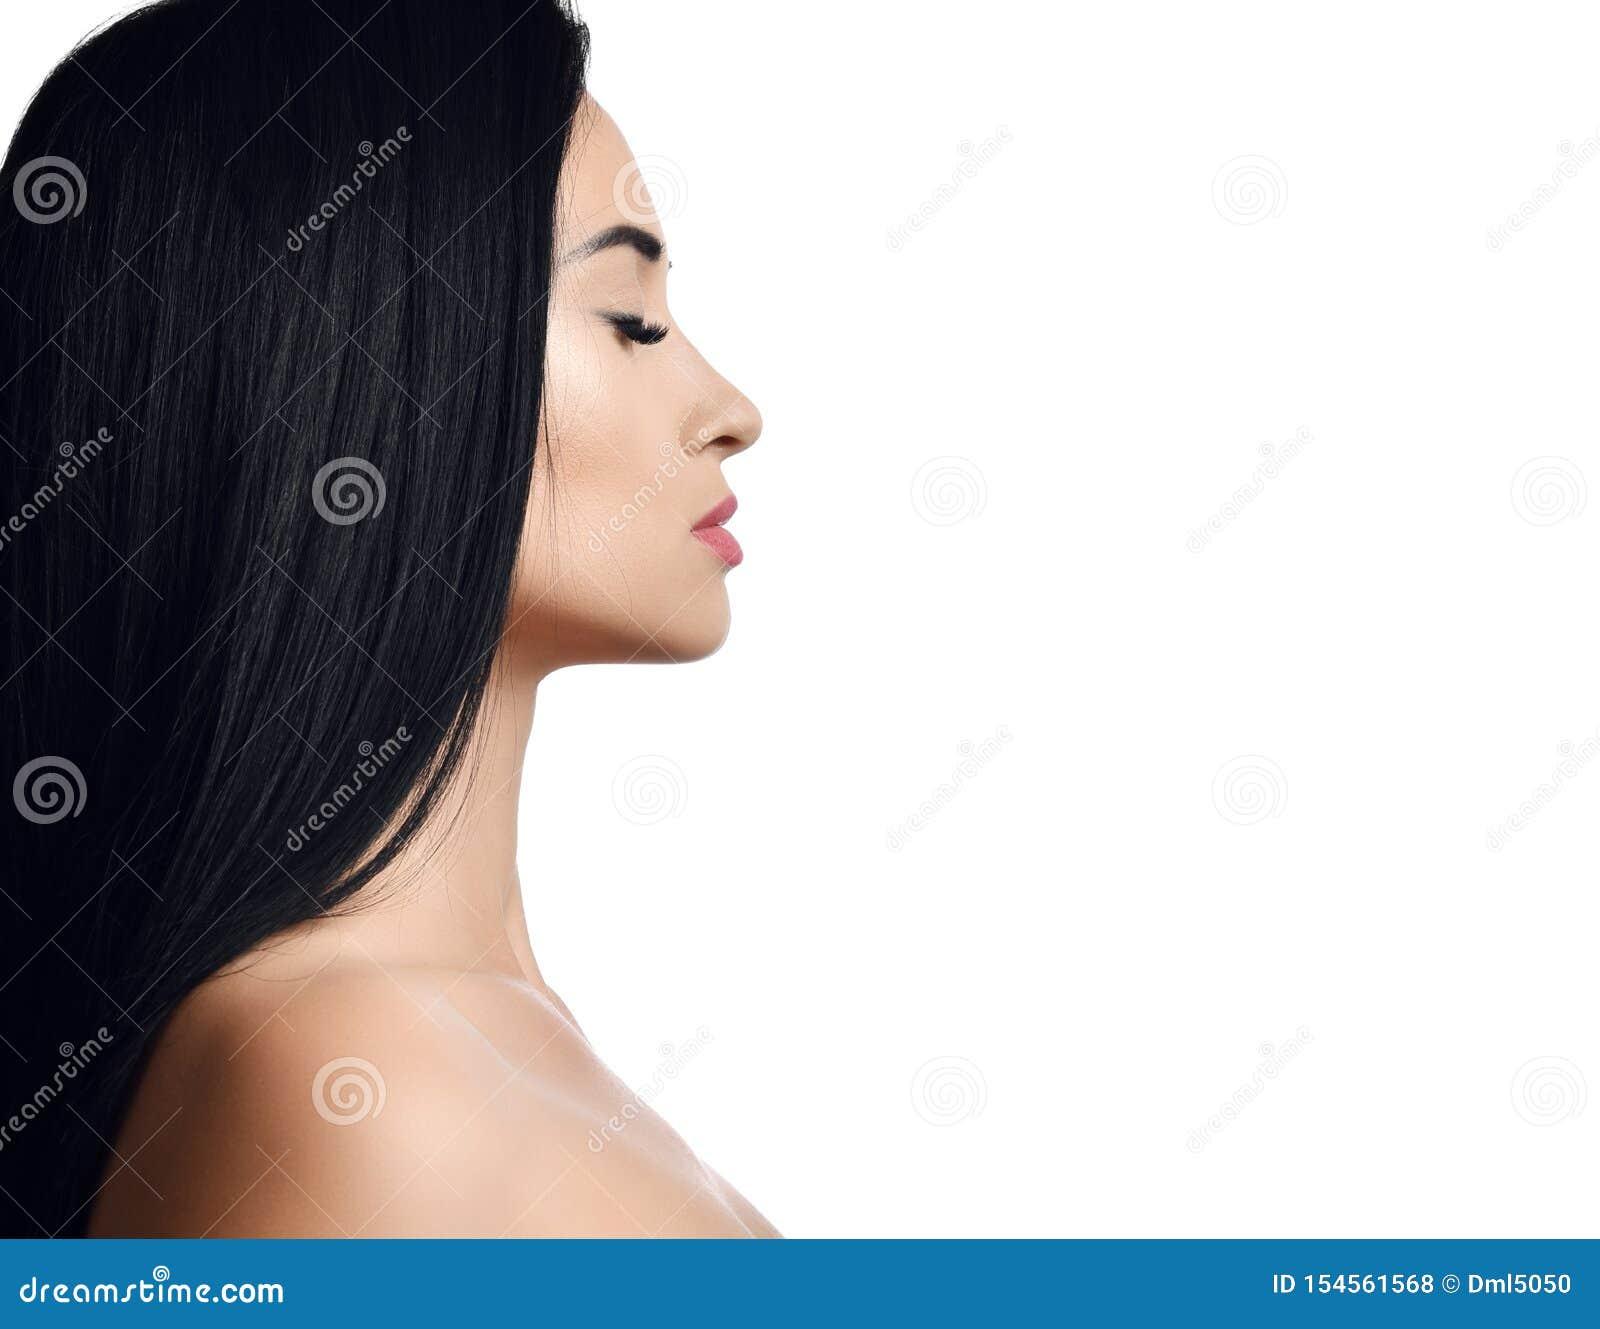 Ritratto di concetto della pubblicità della donna con gli occhi chiusi castana con capelli diritti lunghi con le spalle nude